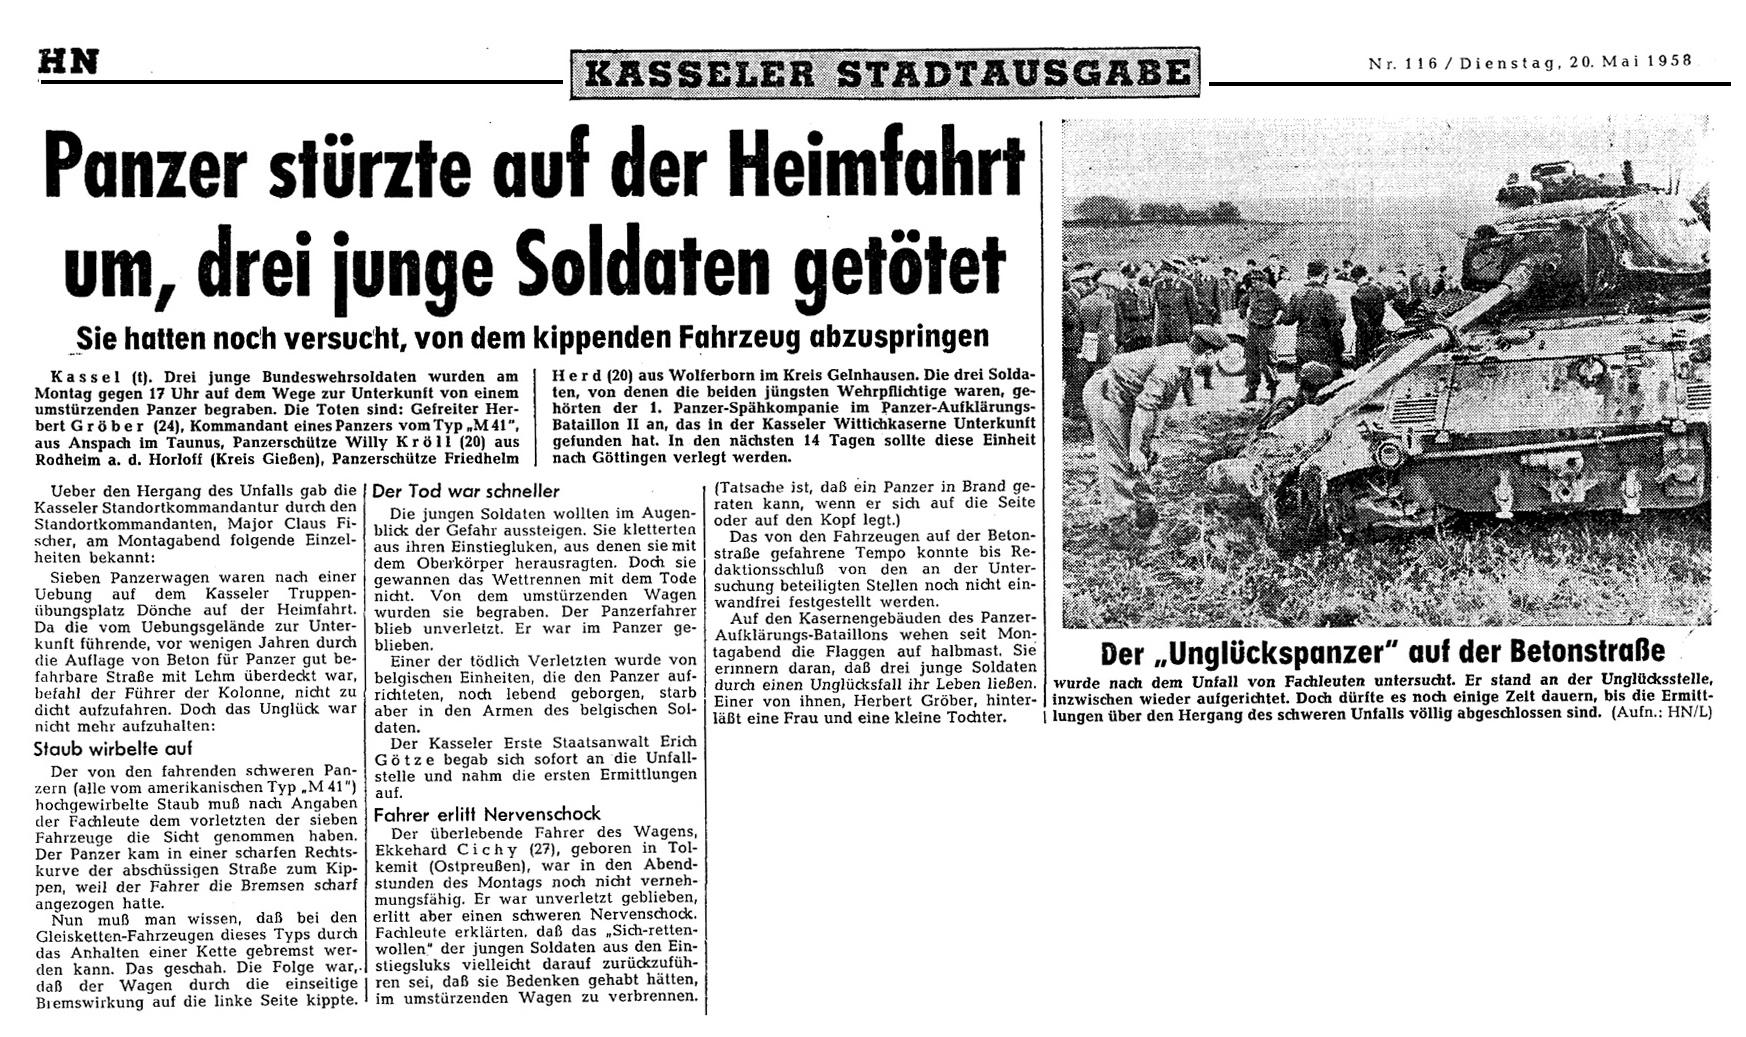 PzUnfall 19.05.1958